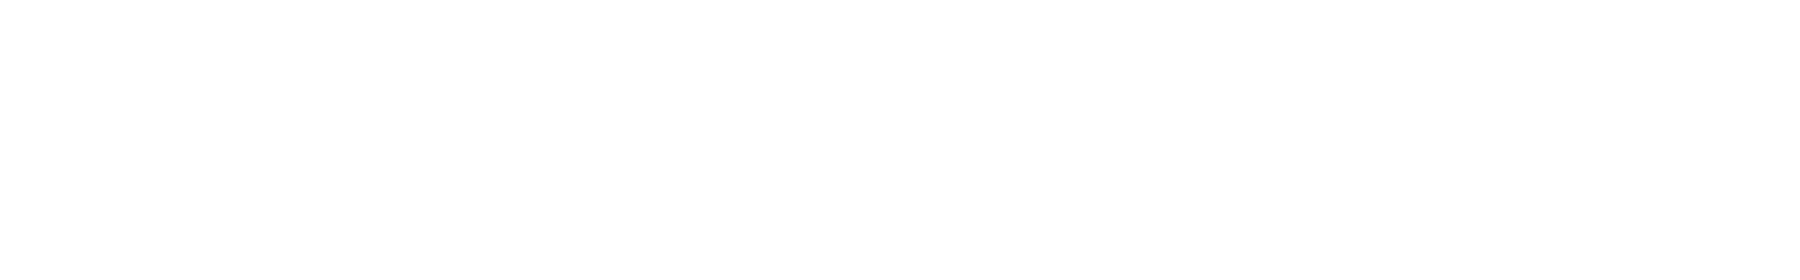 Free Loop samples, sounds, and loops | Sample Focus